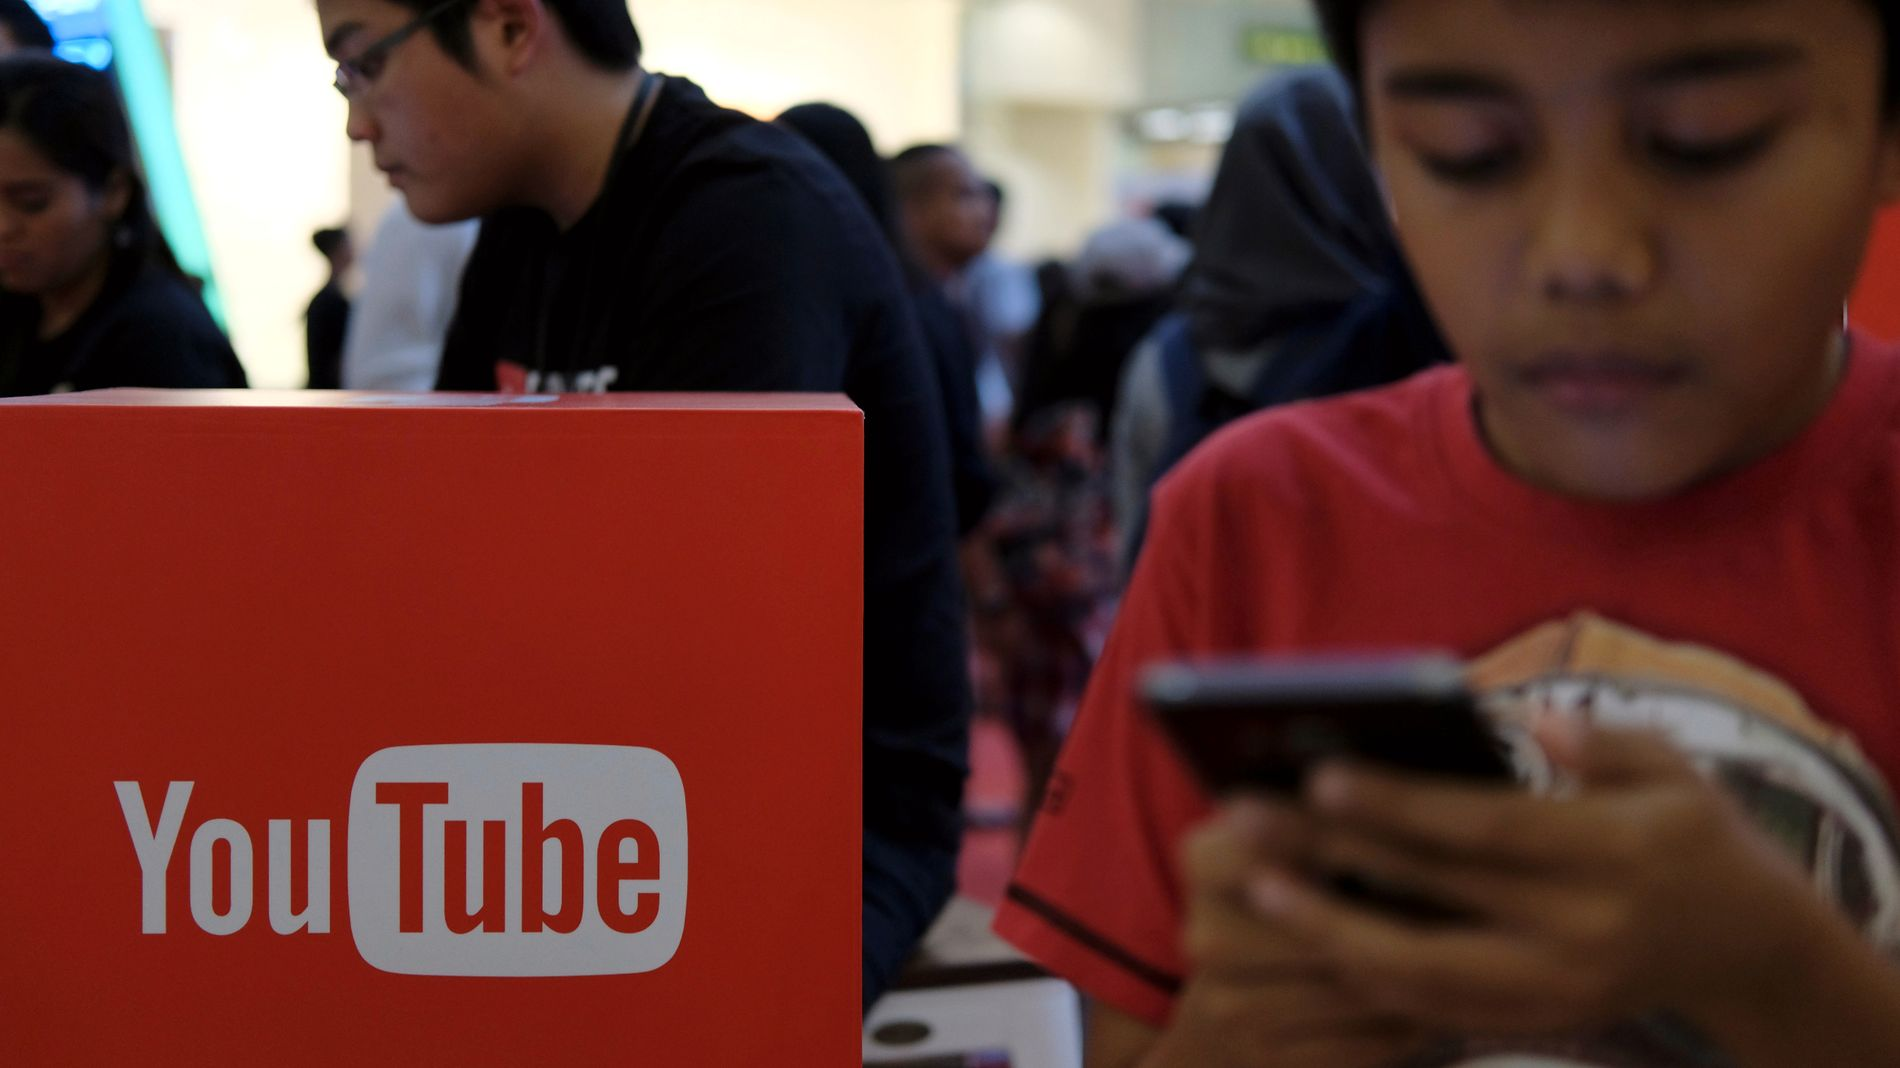 REKORDBOT: Ifølge amerikanske myndigheter tjente Youtube millioner av dollar på å bruke informasjon om barn i rettet markedsføring. FTC har aldri delt ut en større bot i en sak som omhandler barns personvernrettigheter.